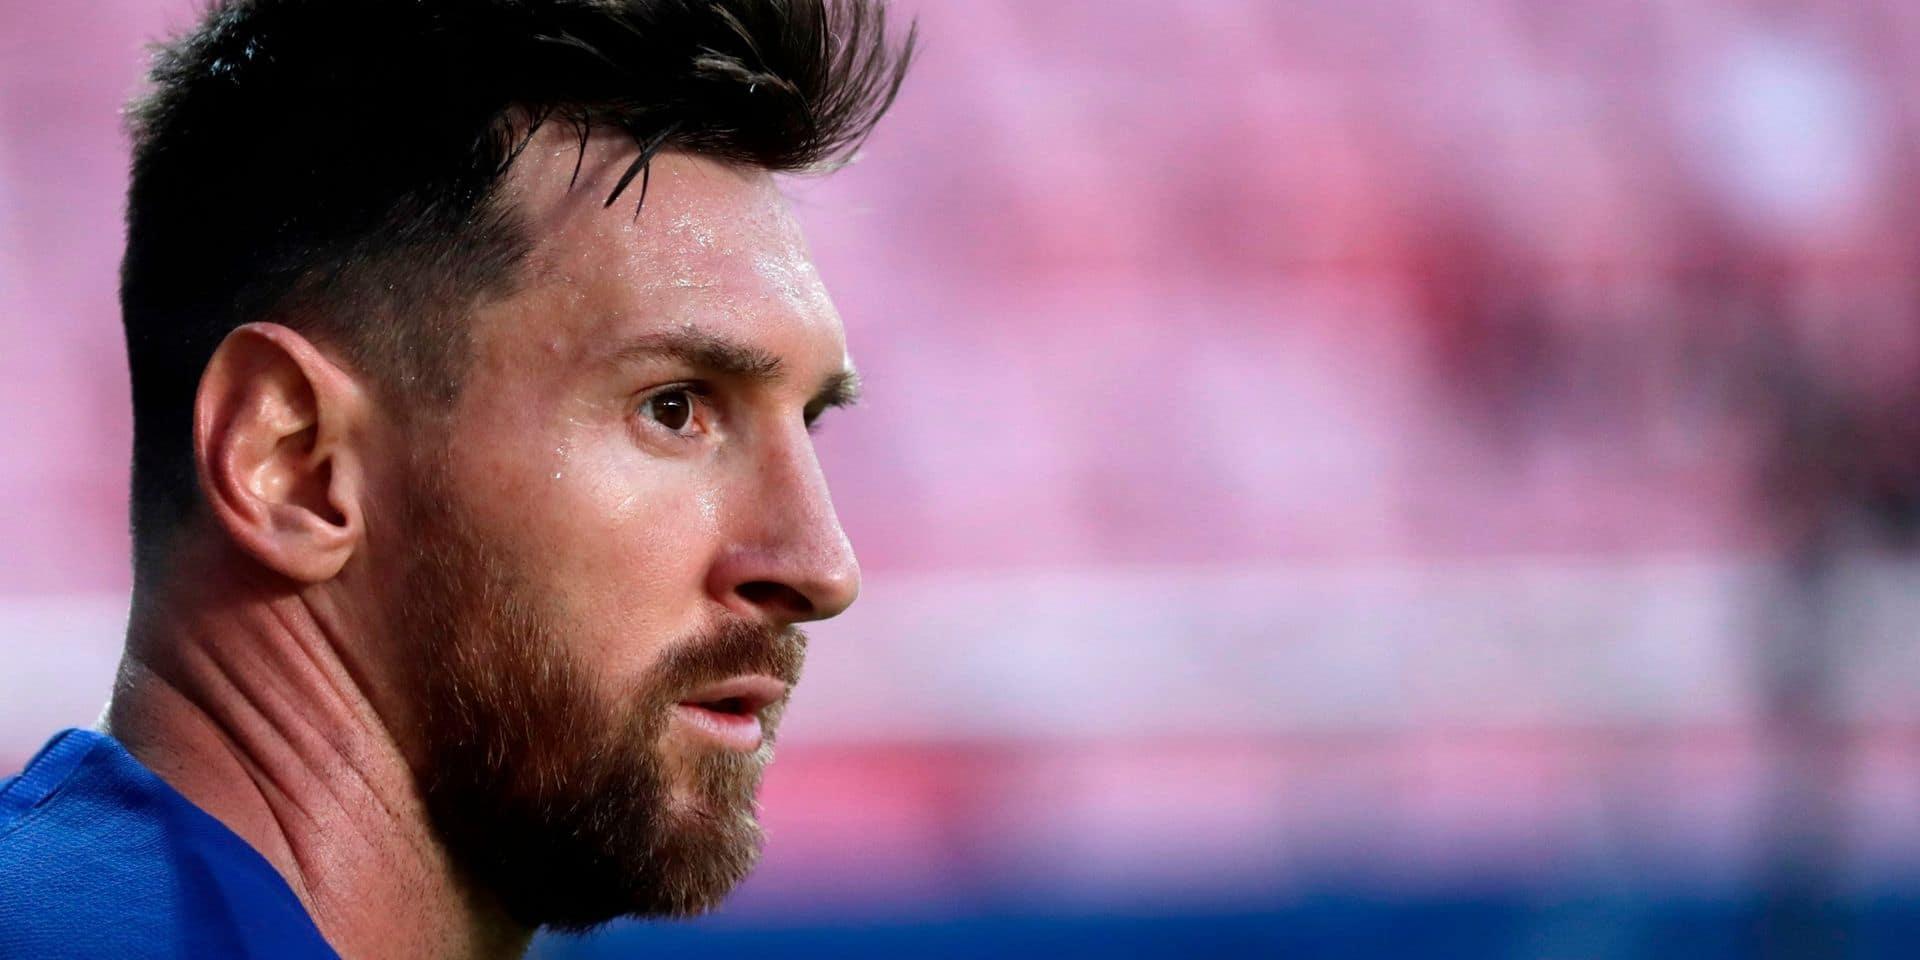 La photo qui fait le tour de la toile: Lionel Messi totalement désemparé après le naufrage de son équipe